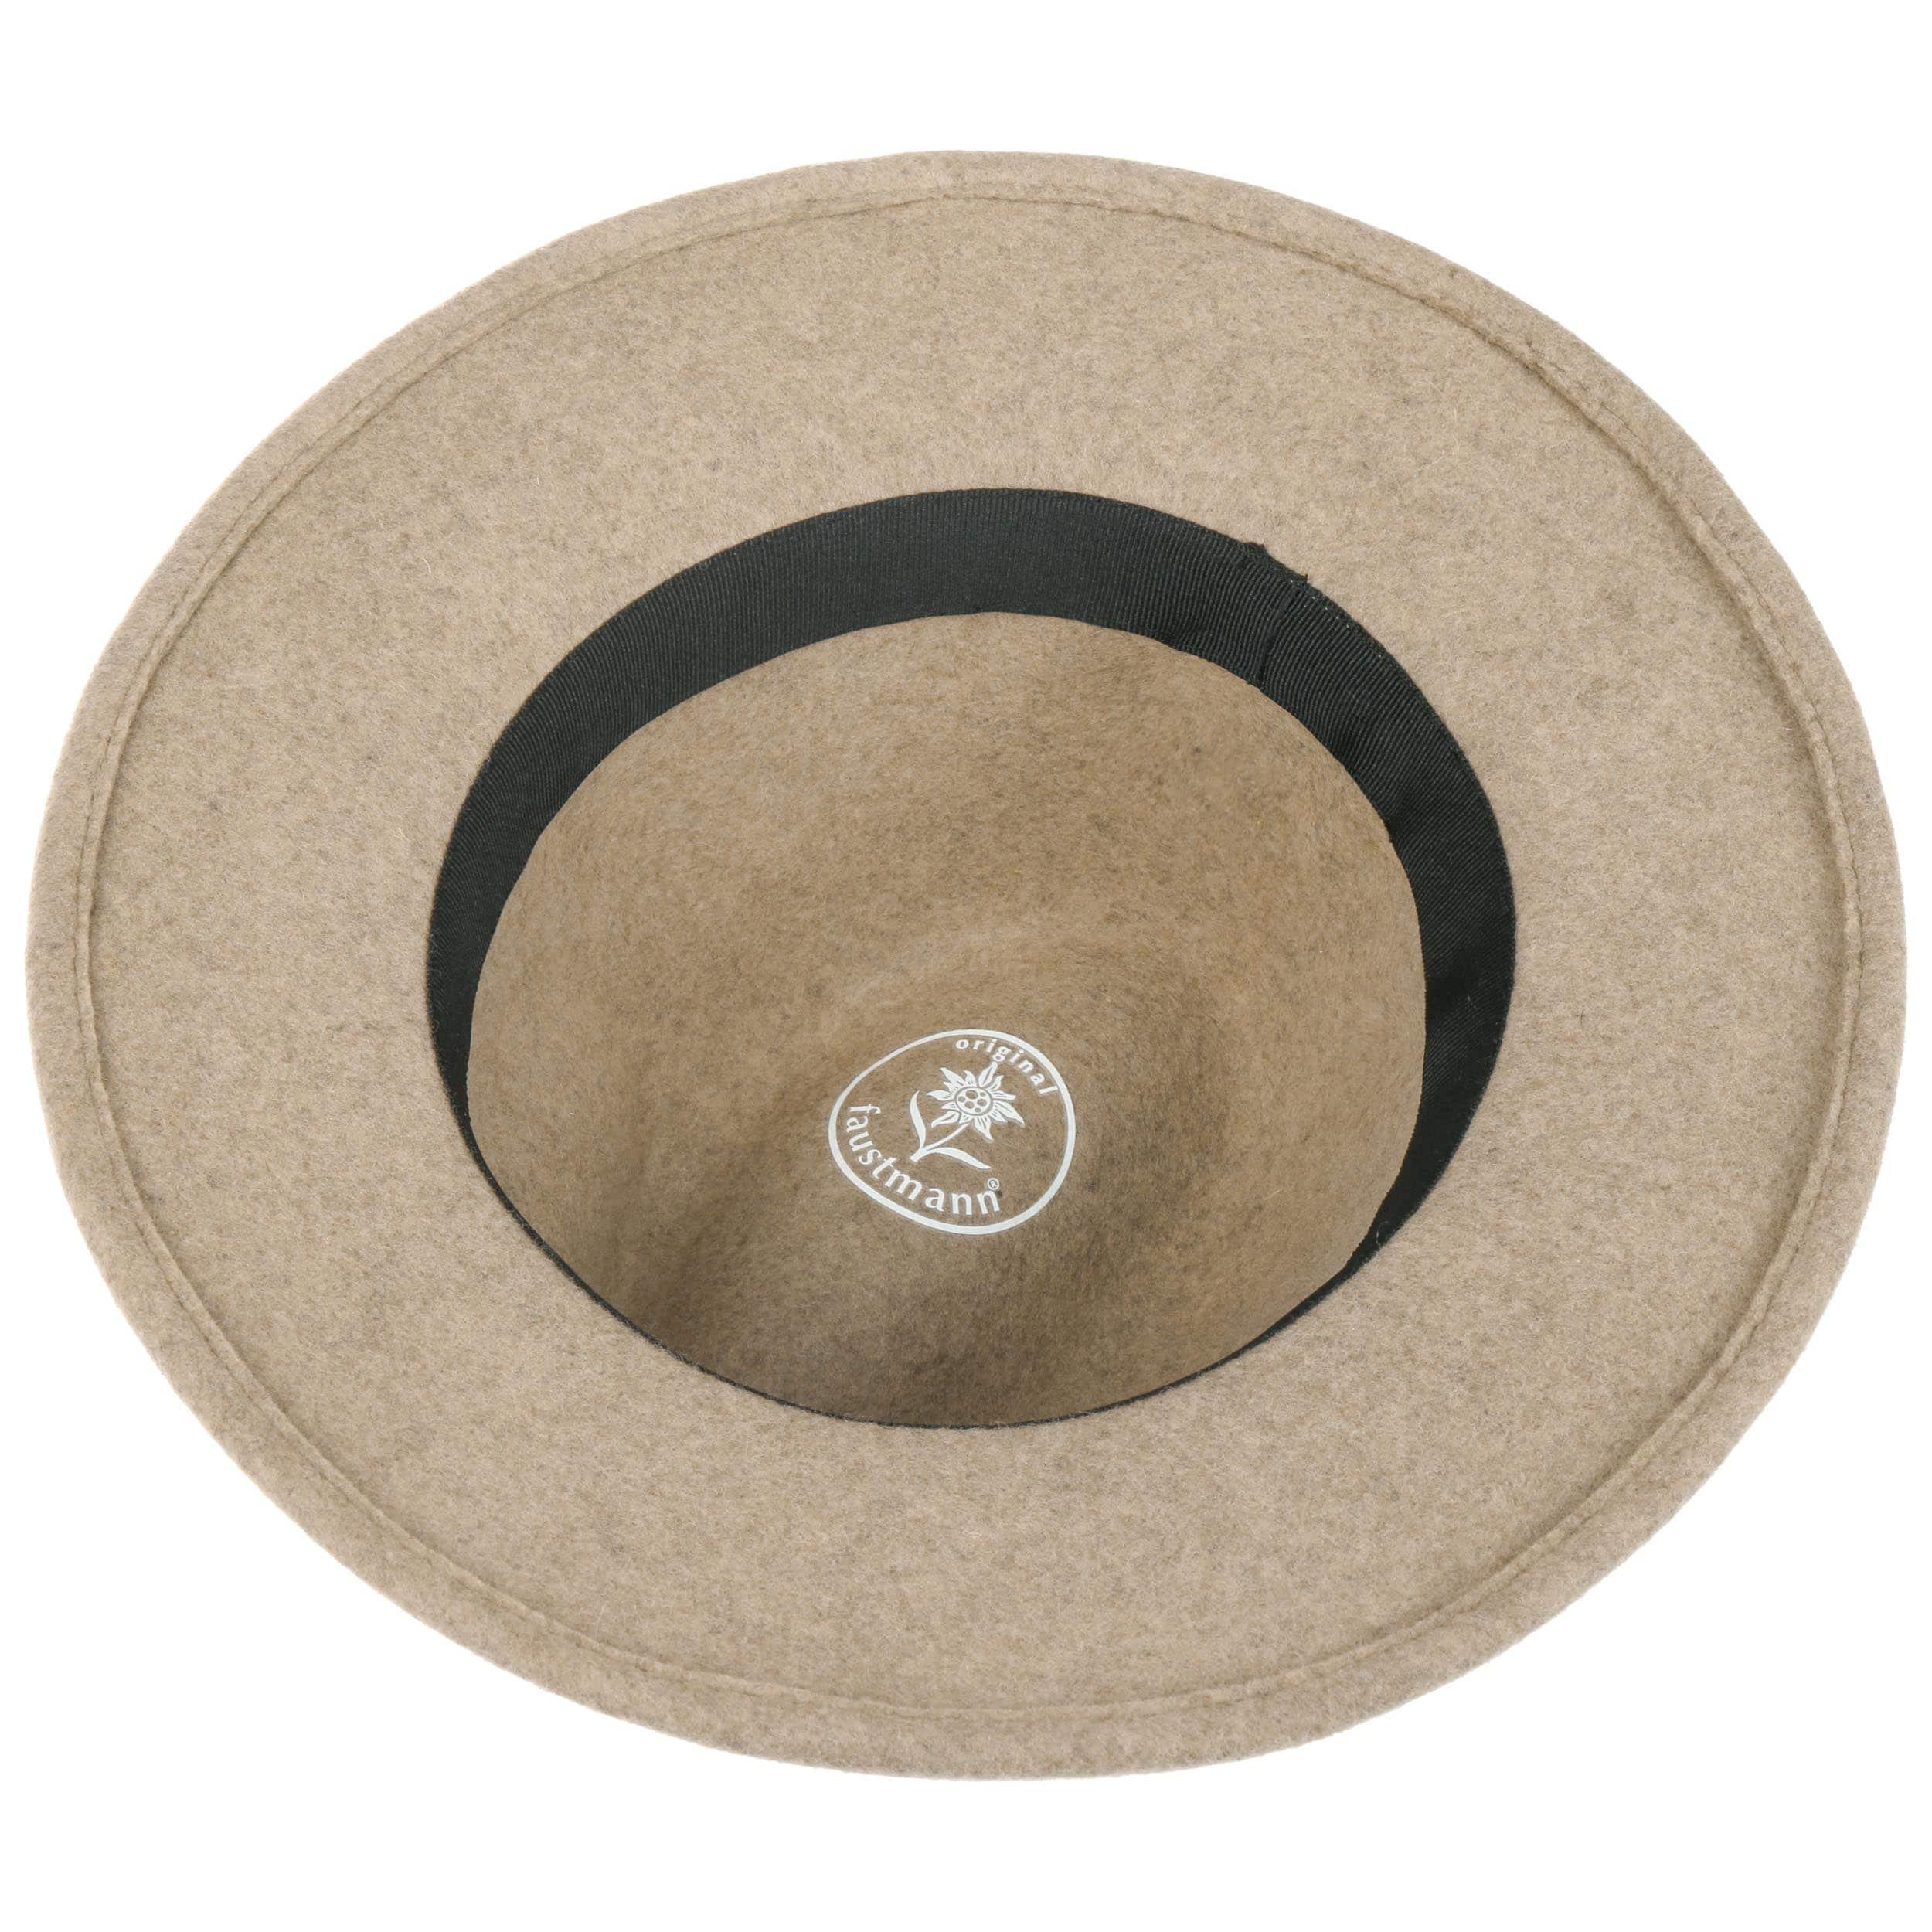 ... marrone 2 · Cappello Tradizionale Tirolese - beige 2 ... 64aa78810f7a